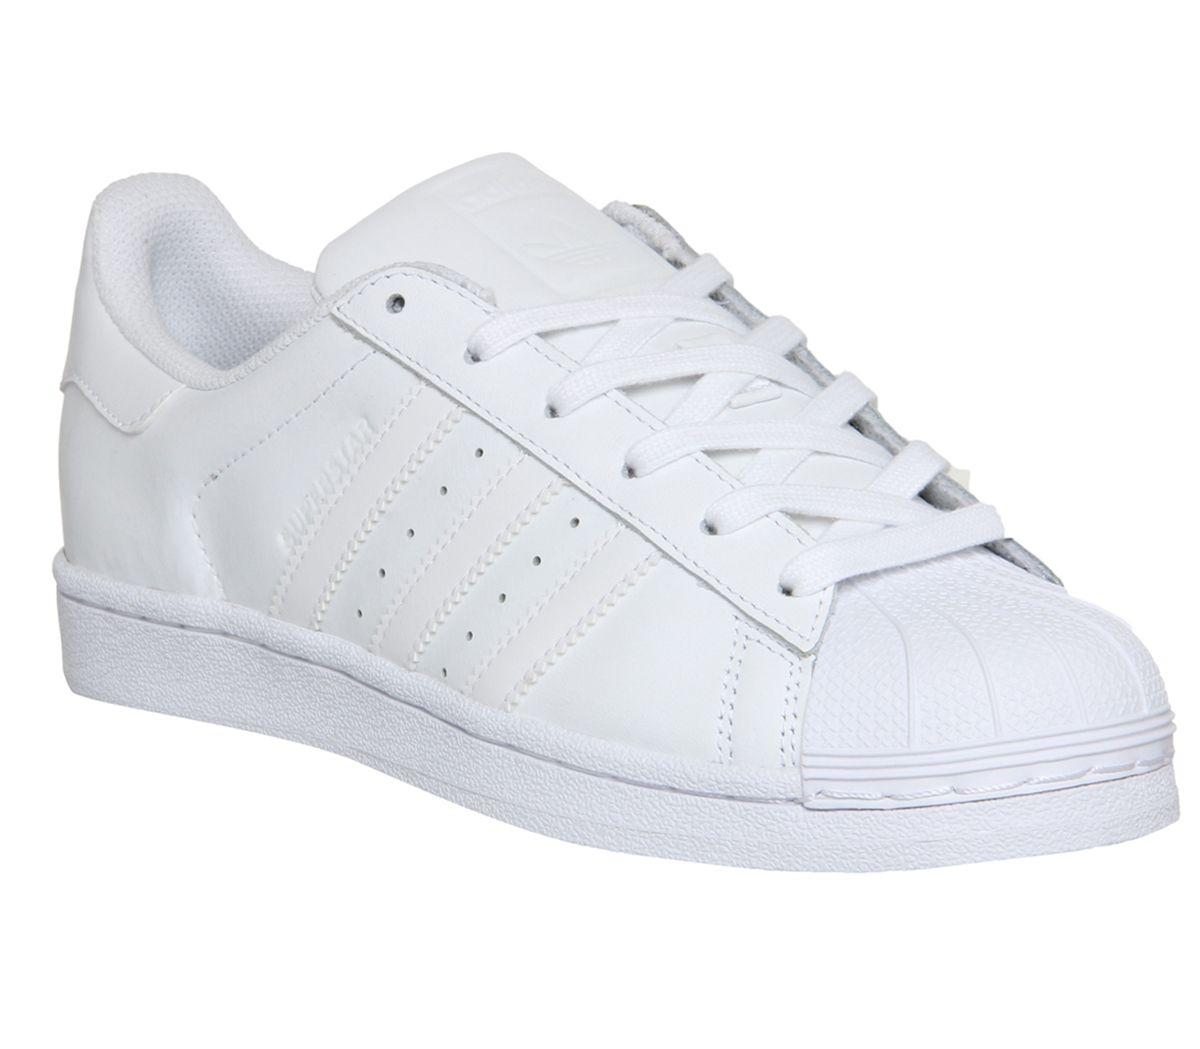 0a1fe6d43a38 Detalles de Zapatillas para mujer adidas Superstar blanco mono Fundación  Zapatillas Zapatos- ver título original